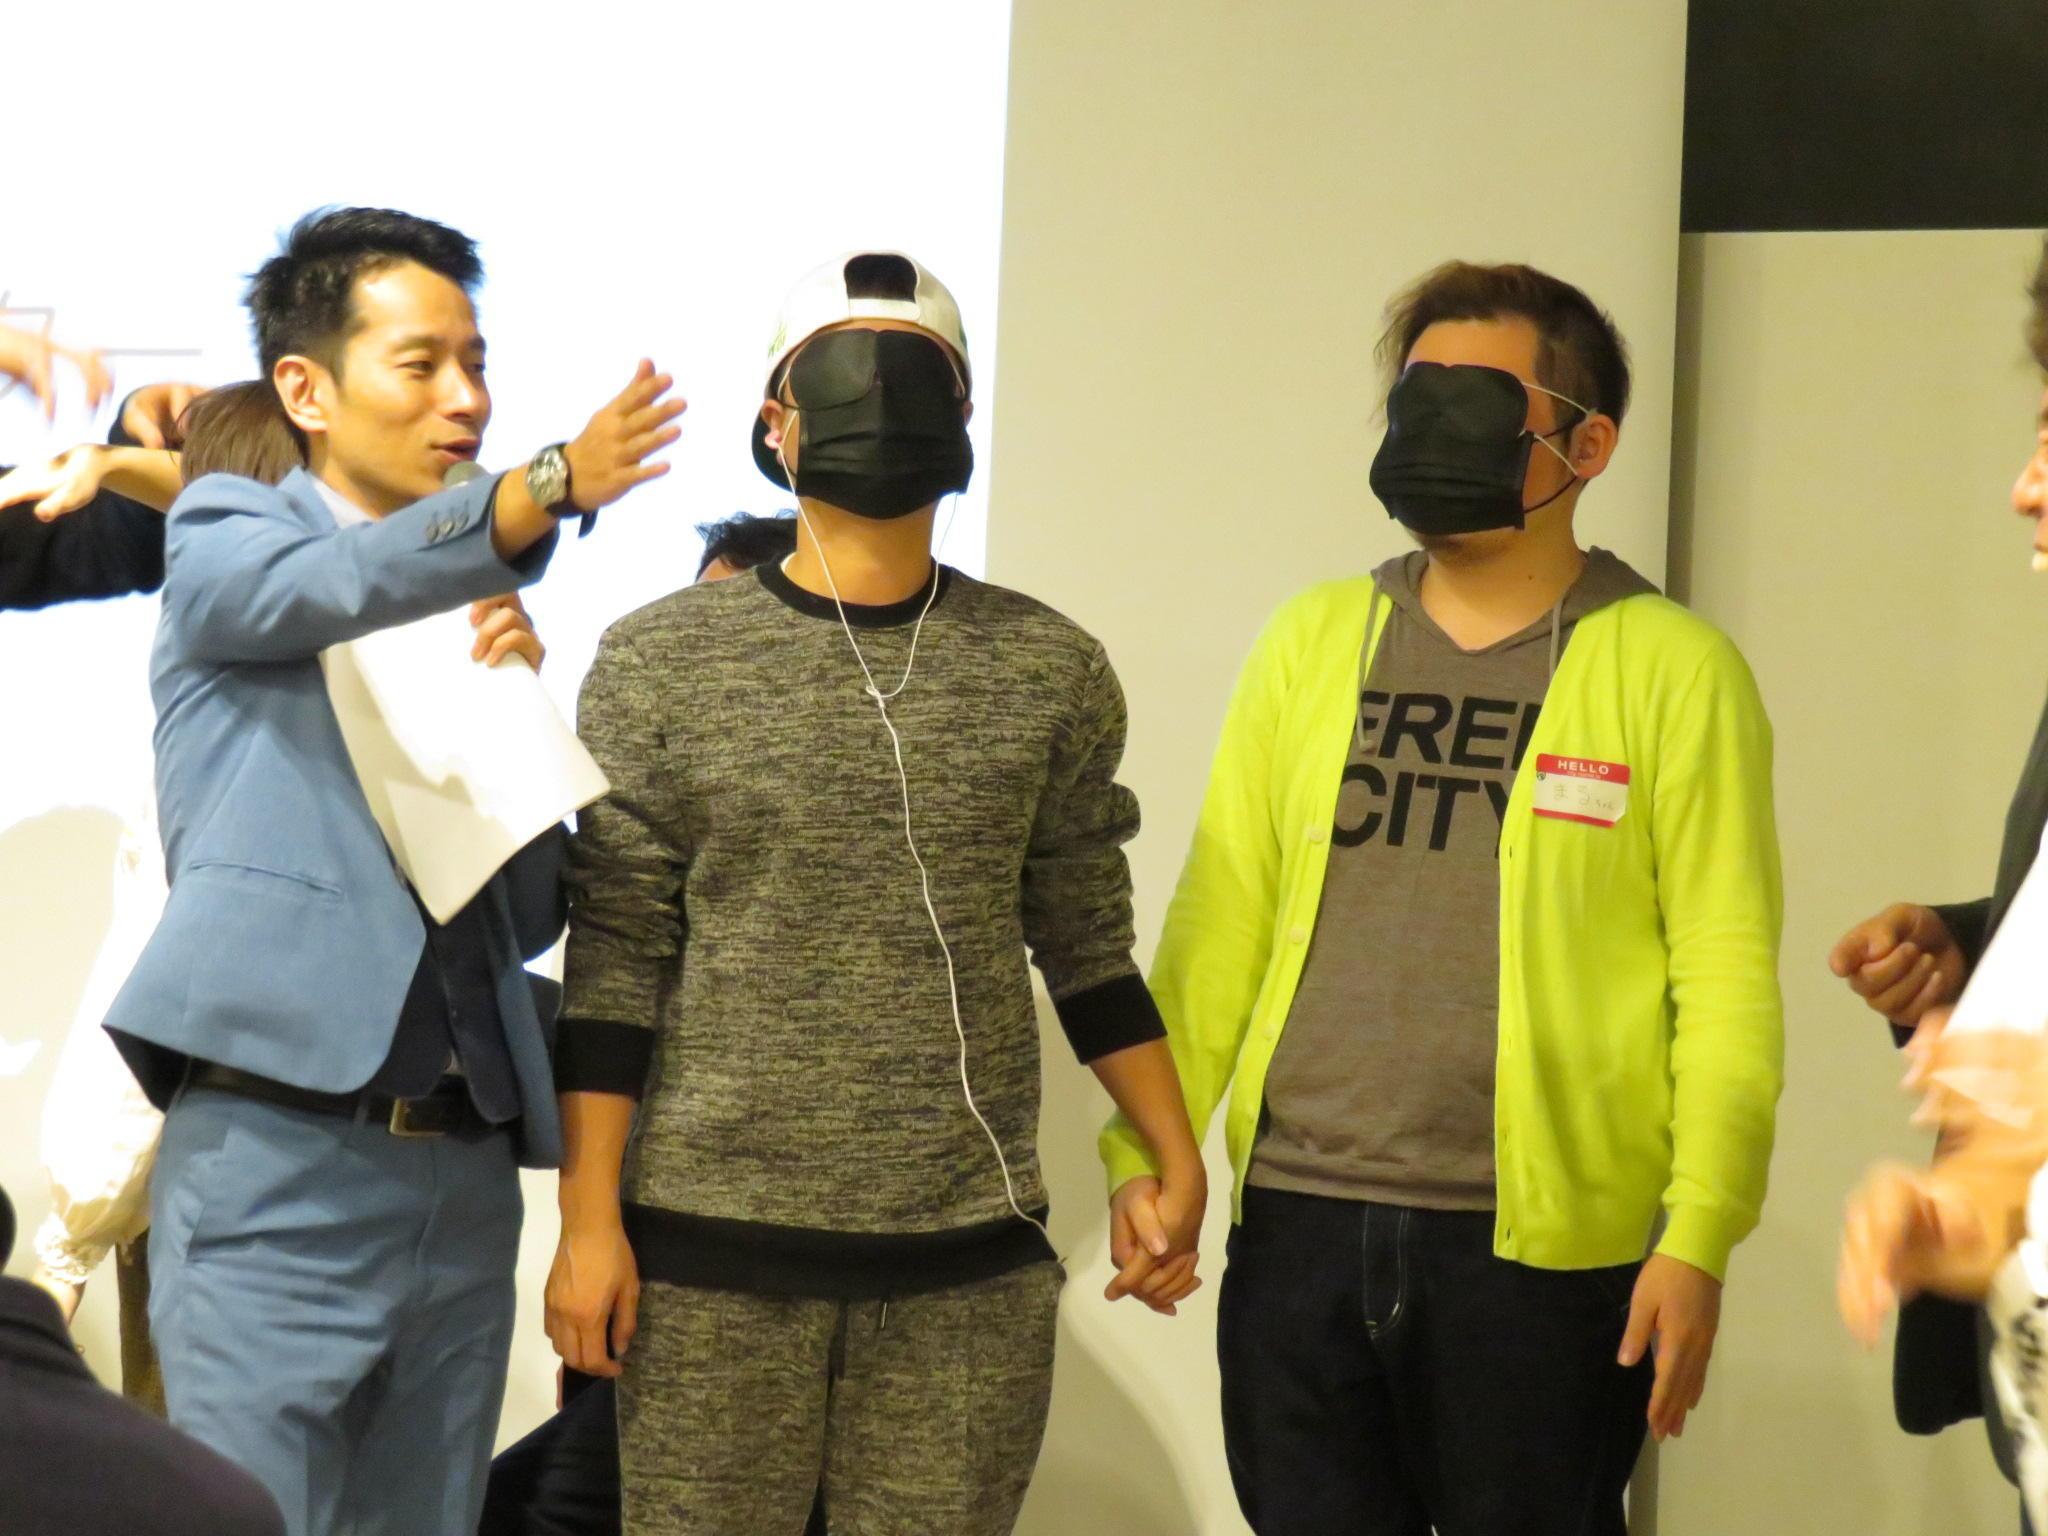 http://news.yoshimoto.co.jp/20181230001959-40de73c304942e2735f21c77a001ce5aa2cb963d.jpg